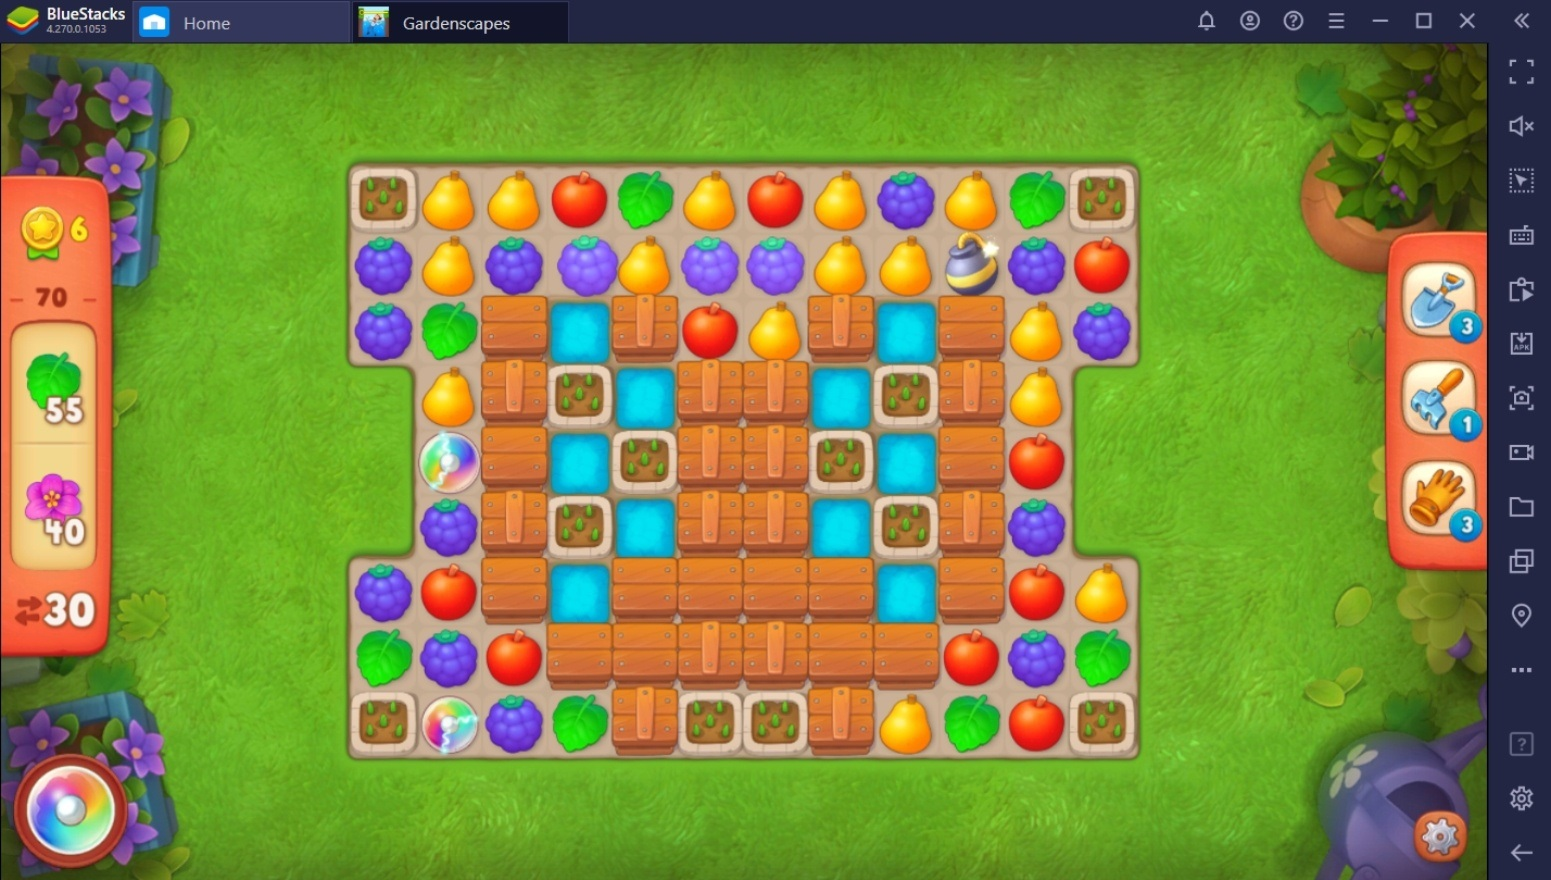 Przewodnik Gardenscapes – zaawansowane interakcje